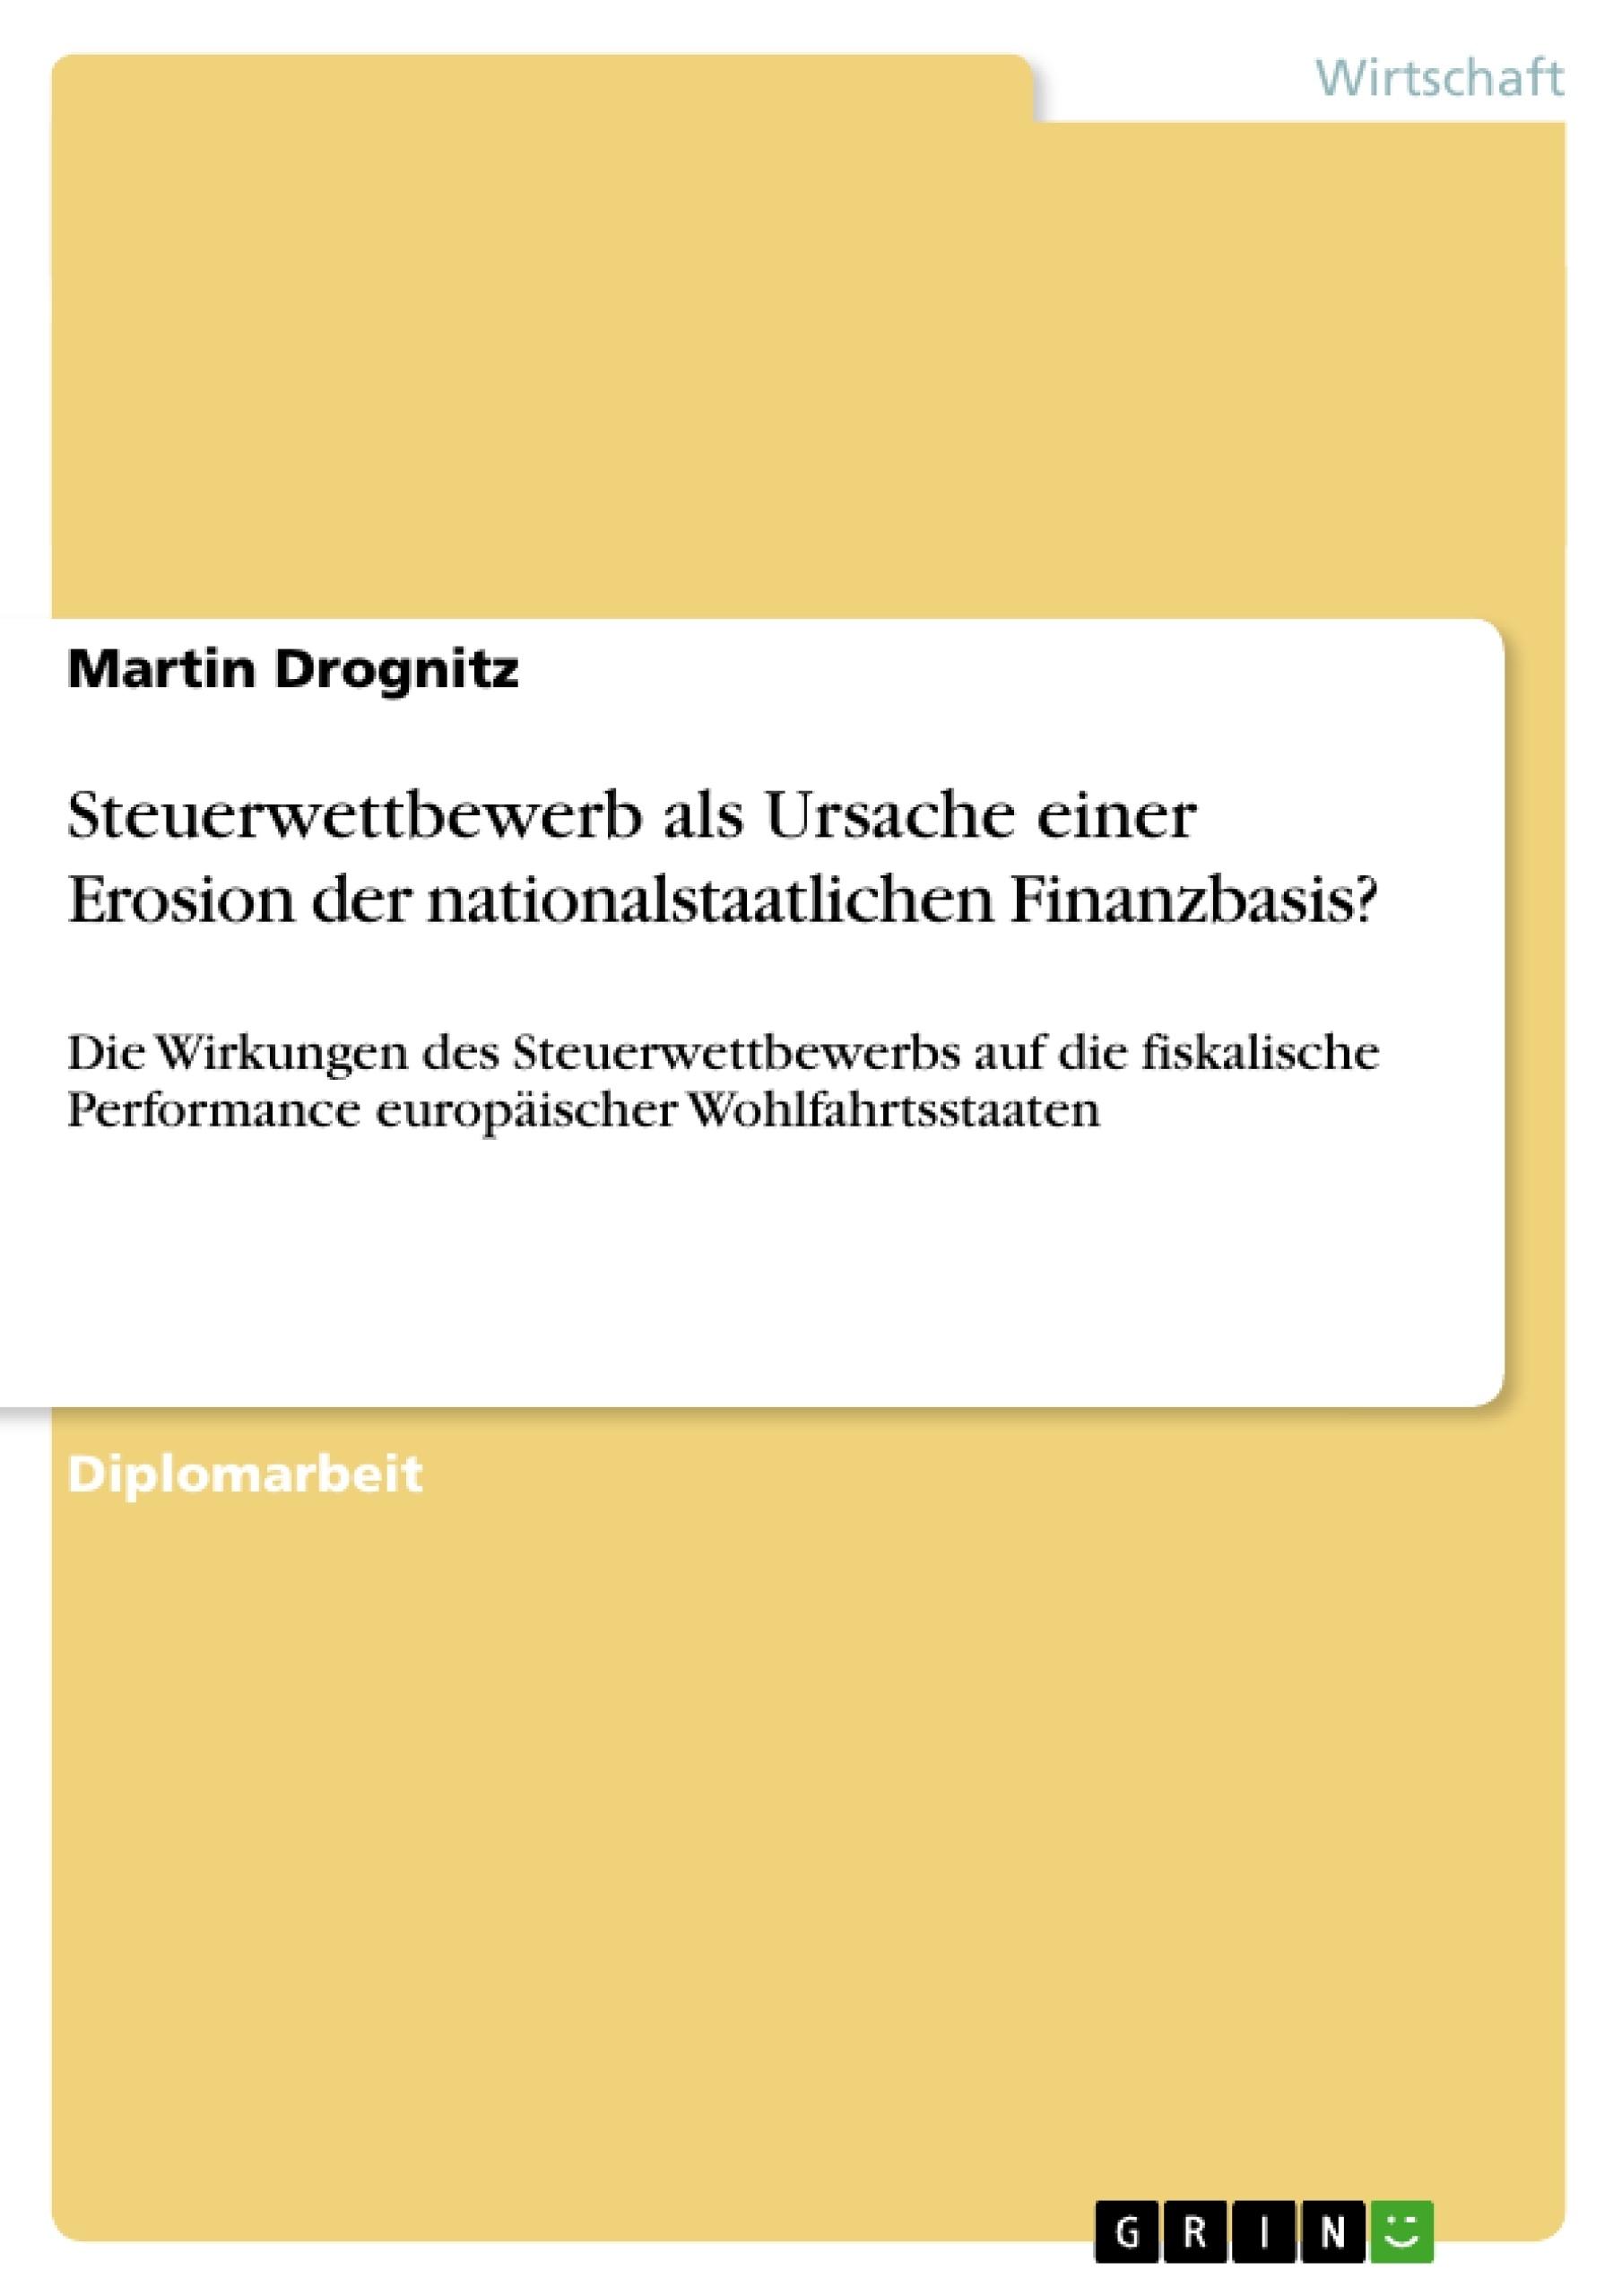 Titel: Steuerwettbewerb als Ursache einer Erosion der nationalstaatlichen Finanzbasis?